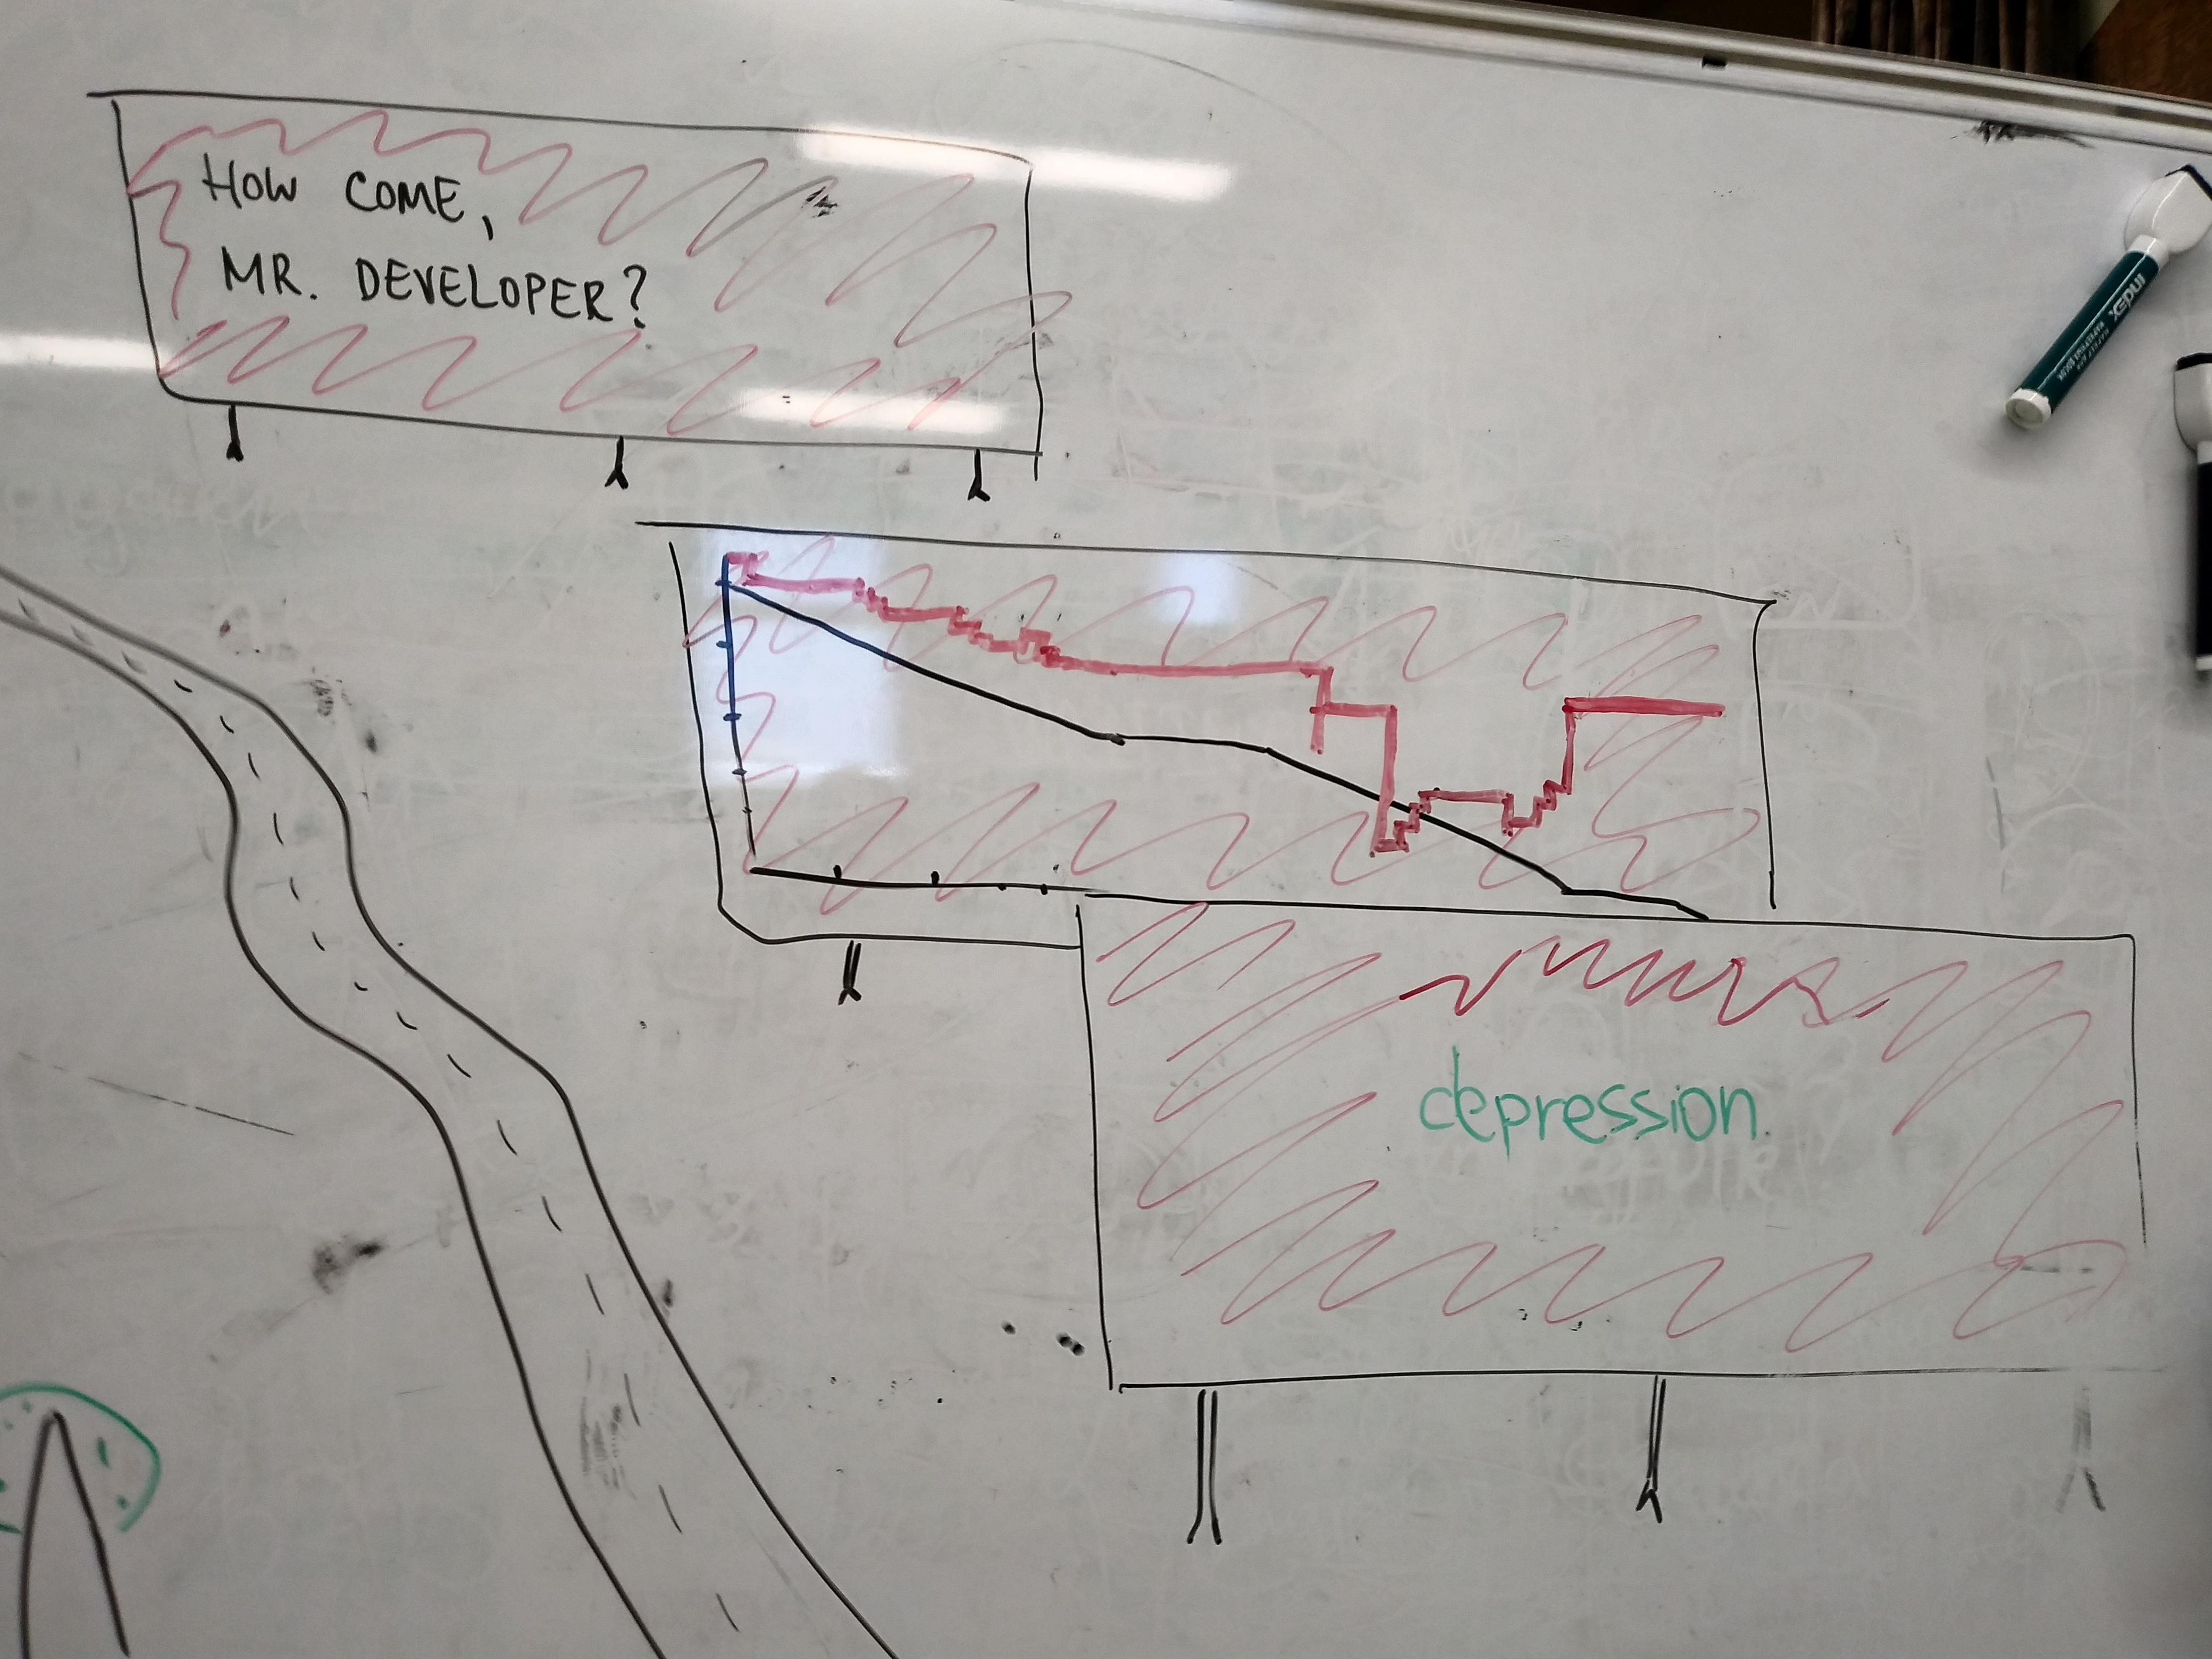 Митап JavaJam. Спор о джавистах, сплав на брёвнах, эксперименты и микросервисы